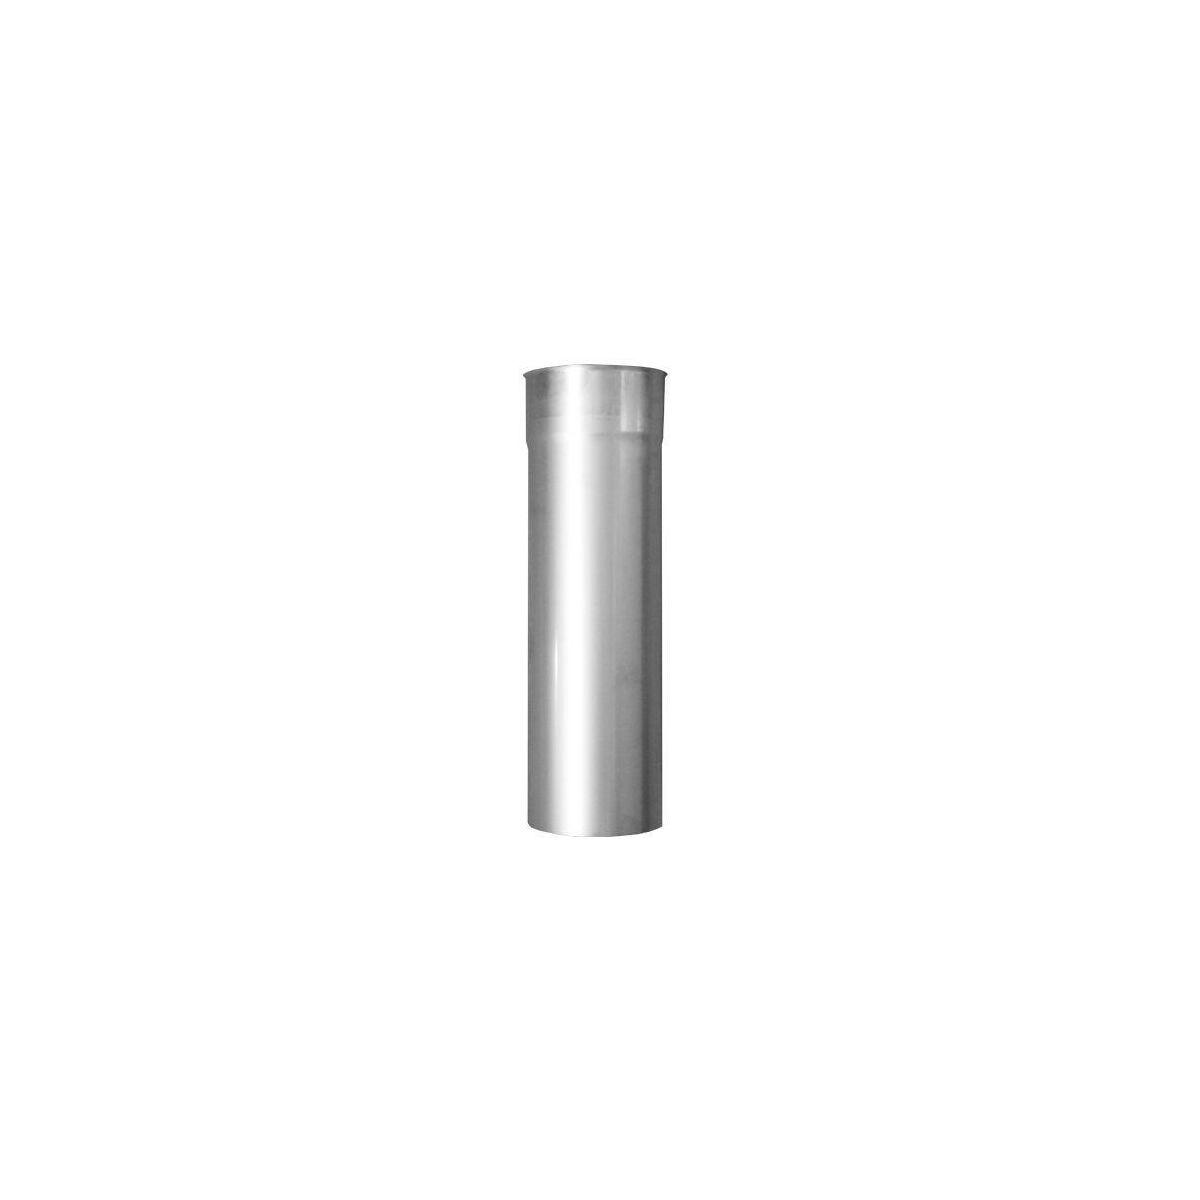 Rura Odprowadzajaca Nierdzewna 120 Mm Spiroflex Odprowadzenie Spalin W Atrakcyjnej Cenie W Sklepach Leroy Merlin